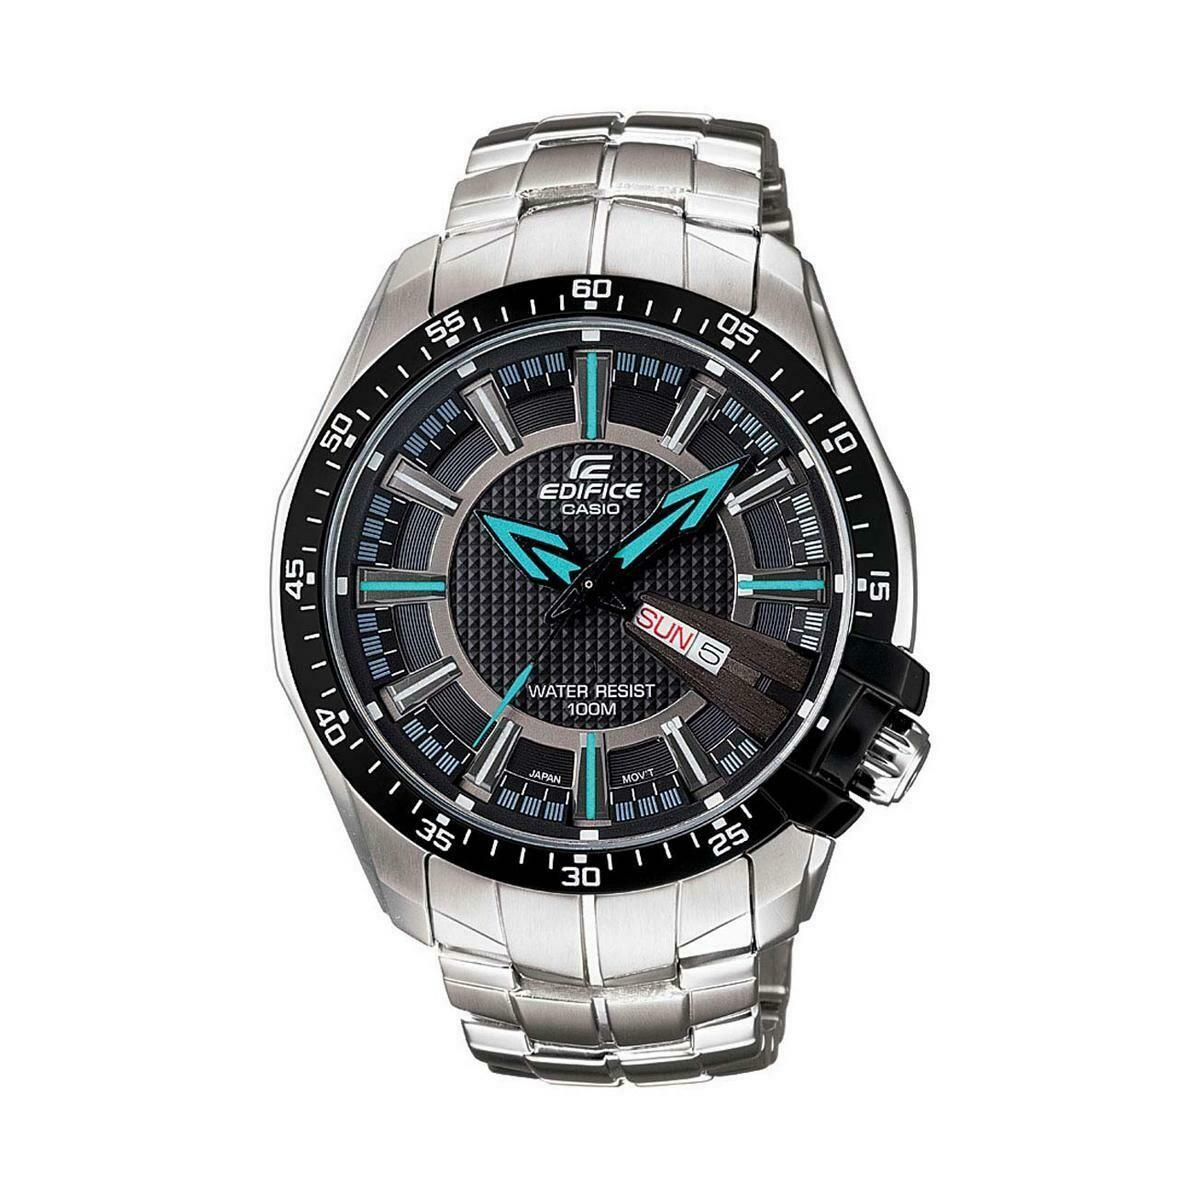 Casio Edifice EF-130D-1A2VDF Analog Wrist Watch For Men - Silver